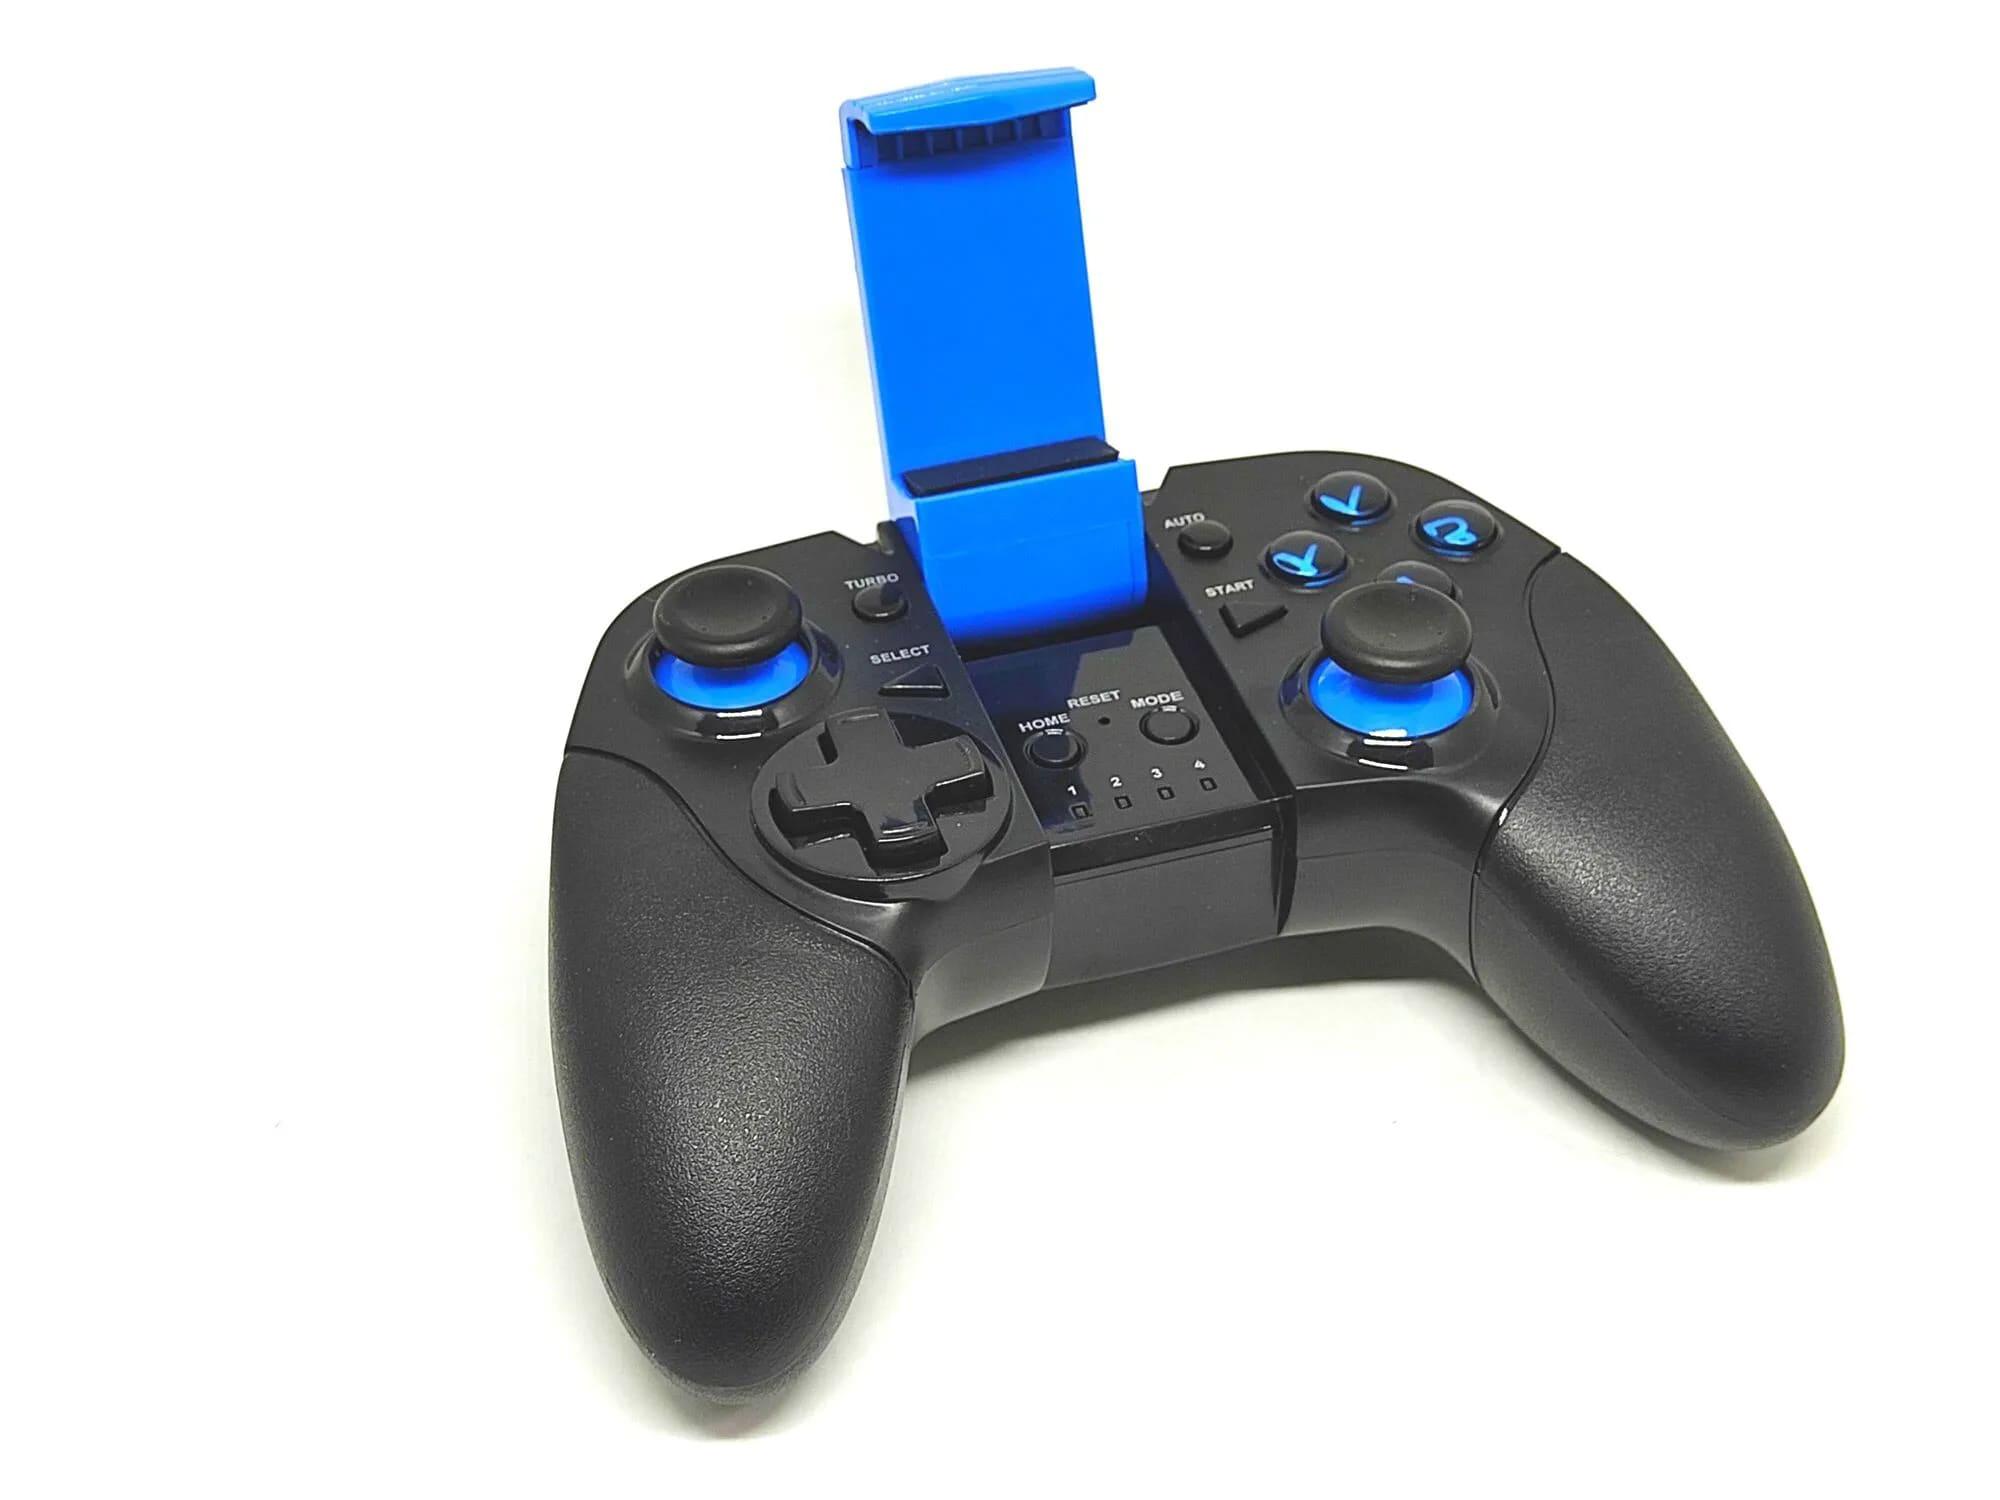 CONTROLE BLUETOOTH PARA CELULAR PLAY GAME PG4